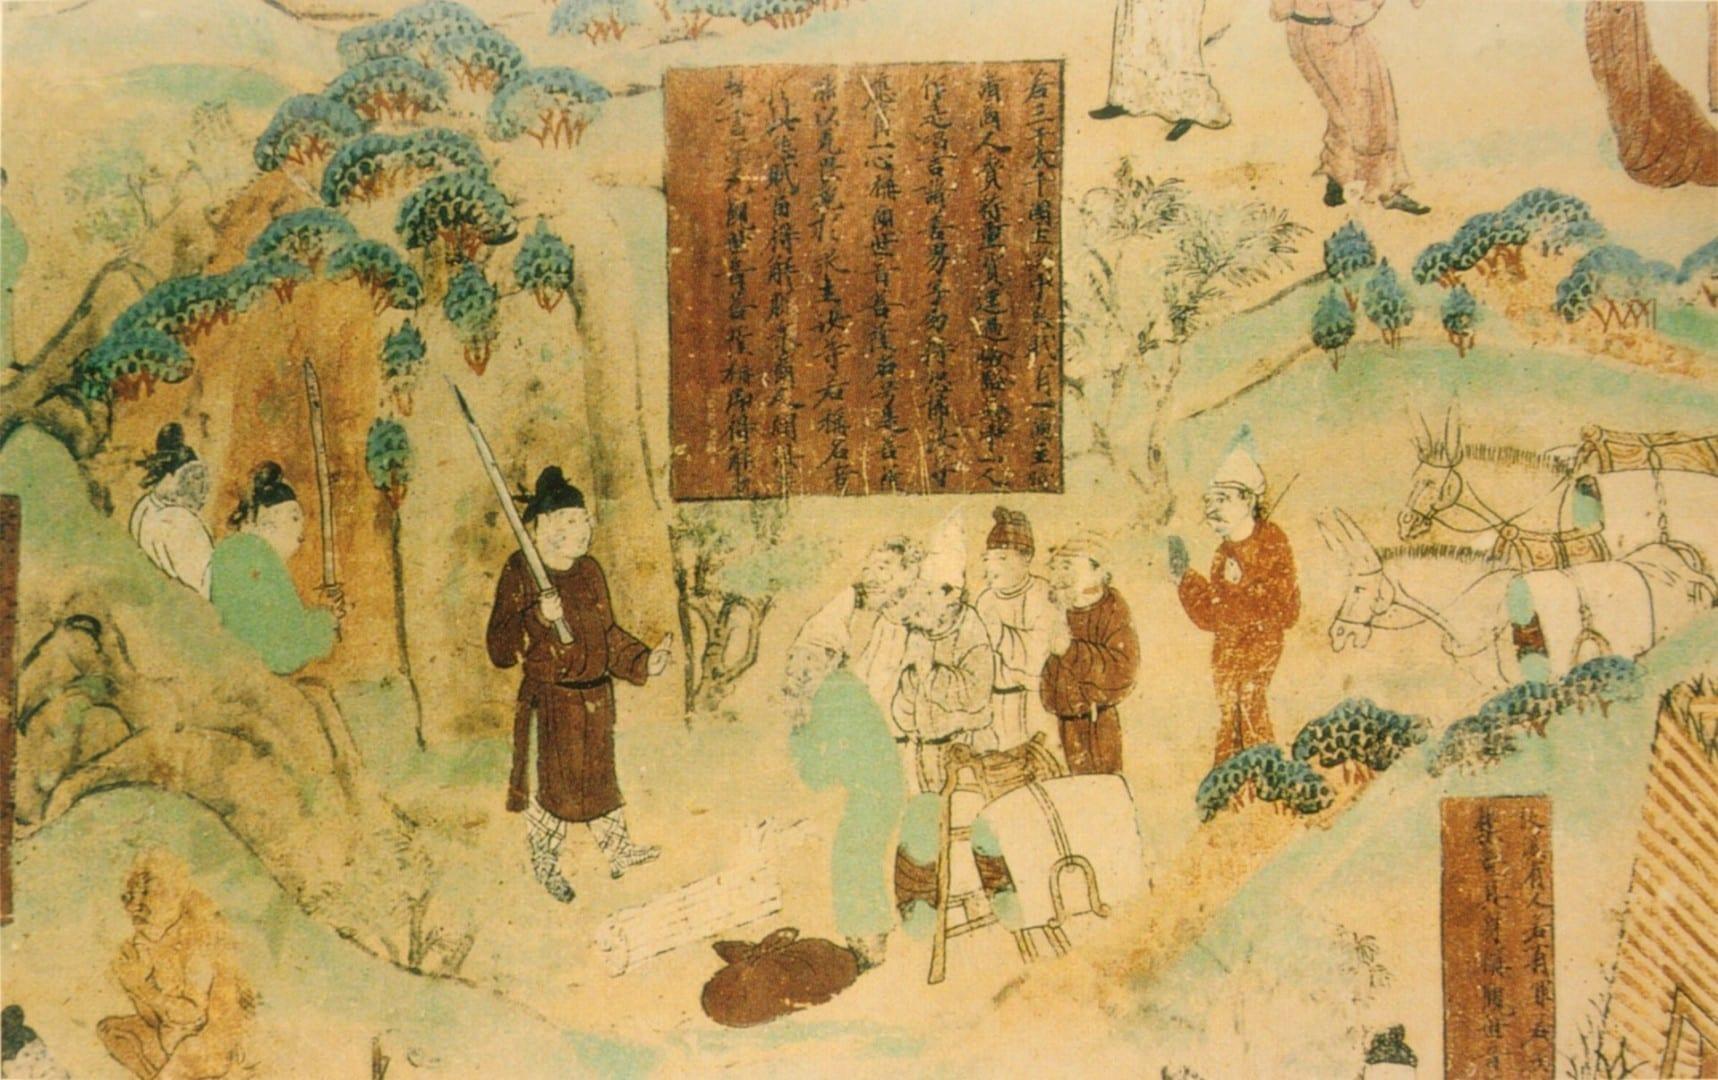 Una pintura de los comerciantes de la Dinastía Tang, las Cuevas de los Mil Budas de Bezeklik Turfán China